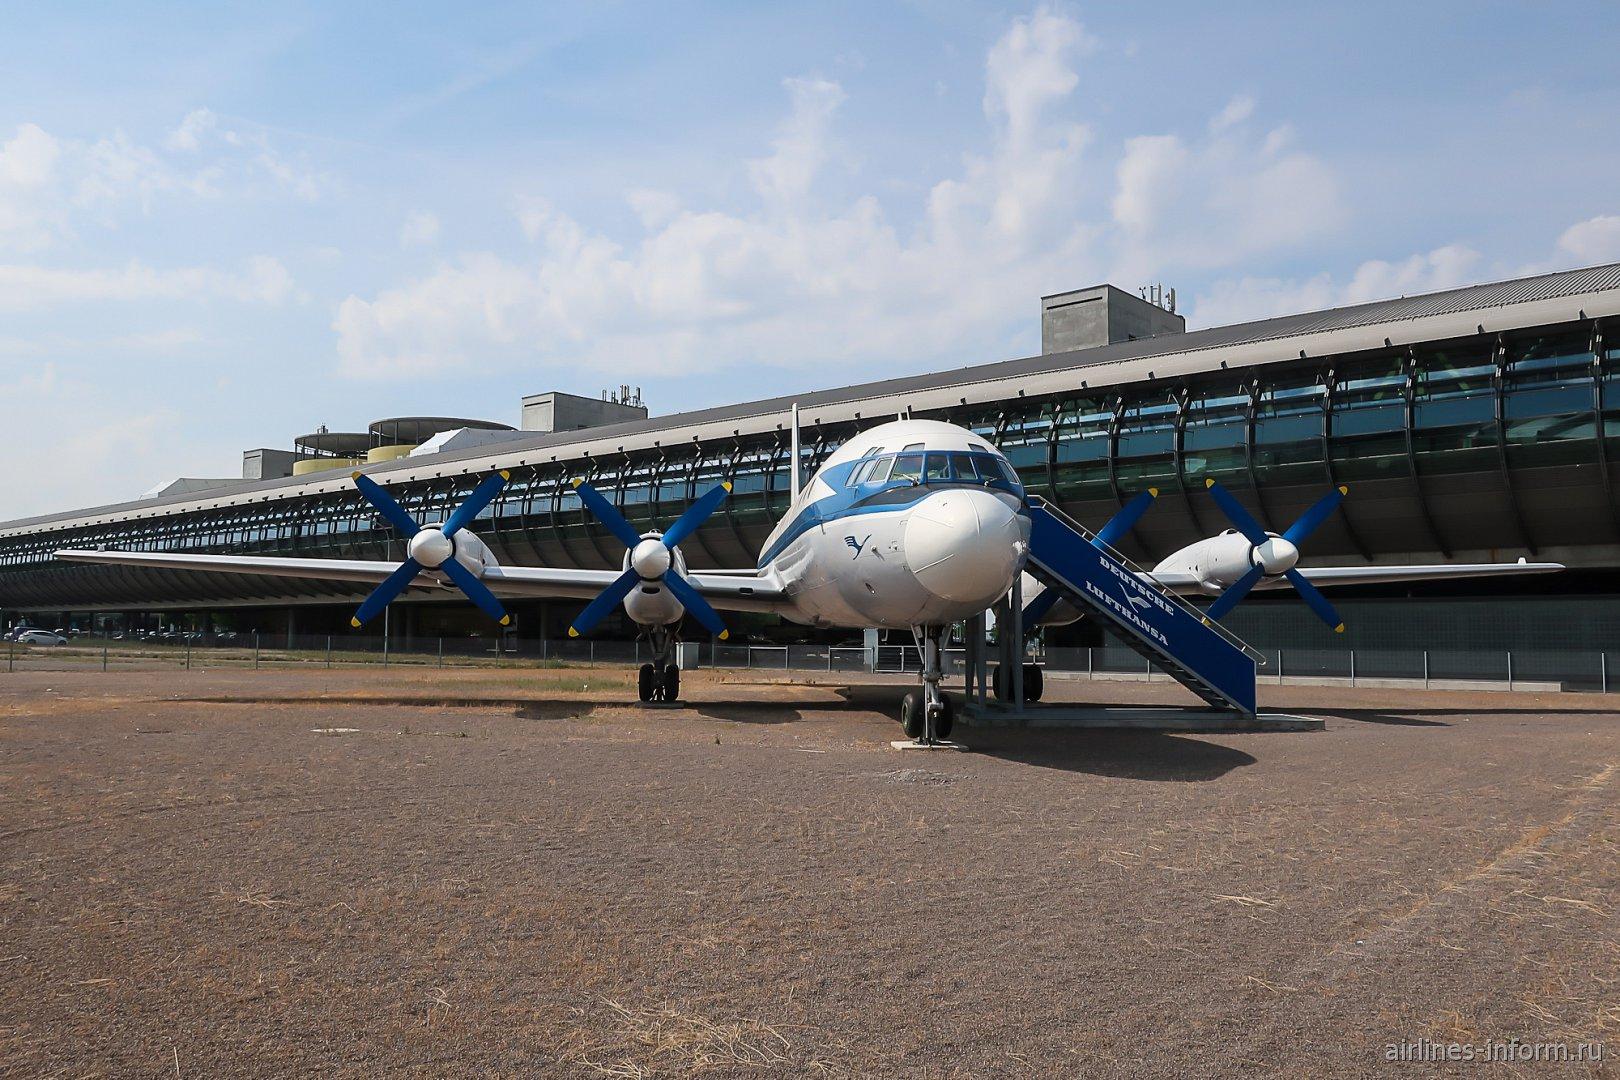 Самолет-музей Ил-18 в аэропорту Лейпциг-Галле